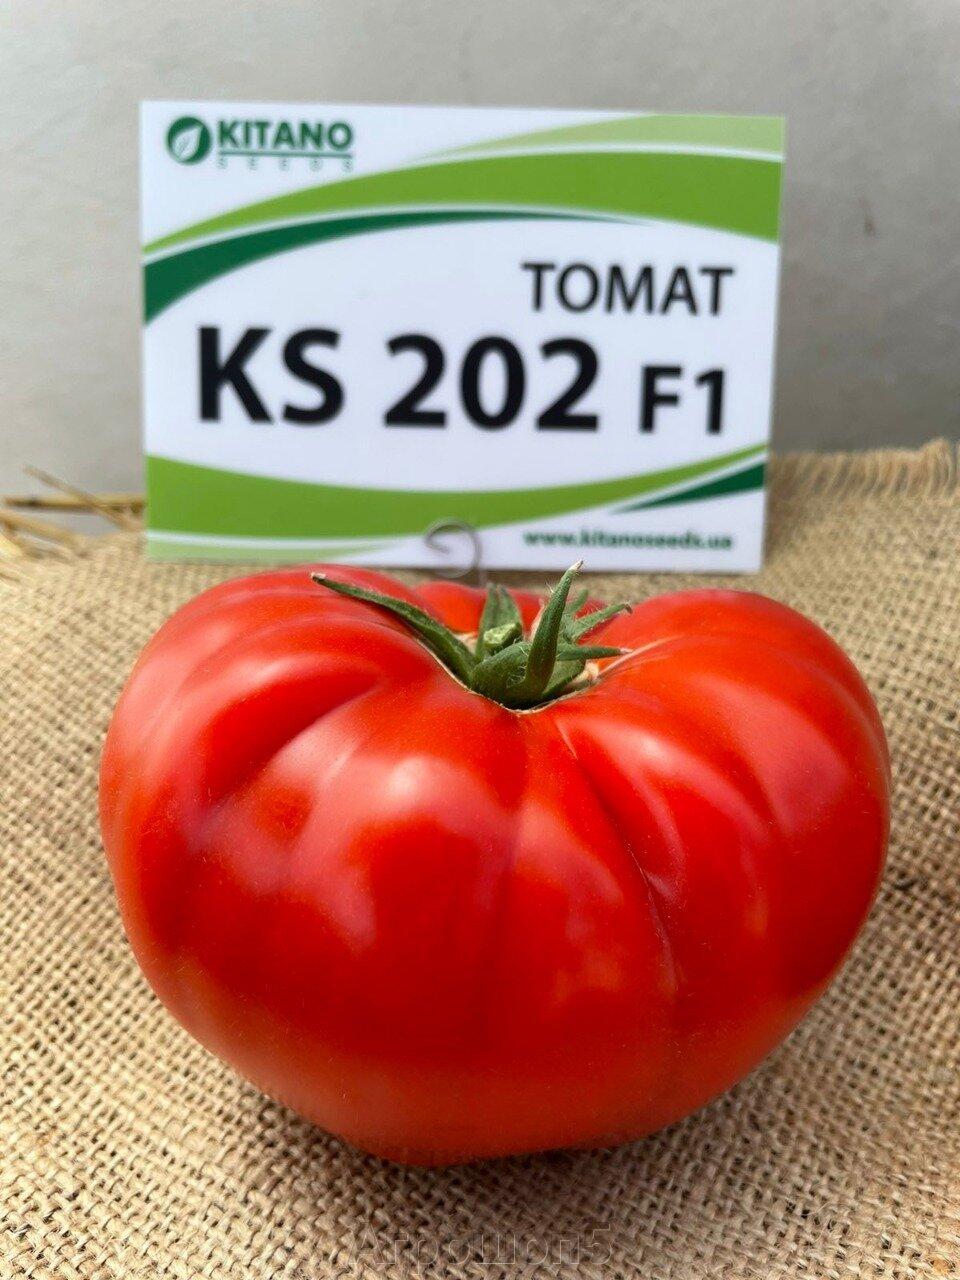 День поля по томатам от компании Kitano - фото pic_8caa8790b8da7f7a8d9cc045fabeef74_1920x9000_1.jpg